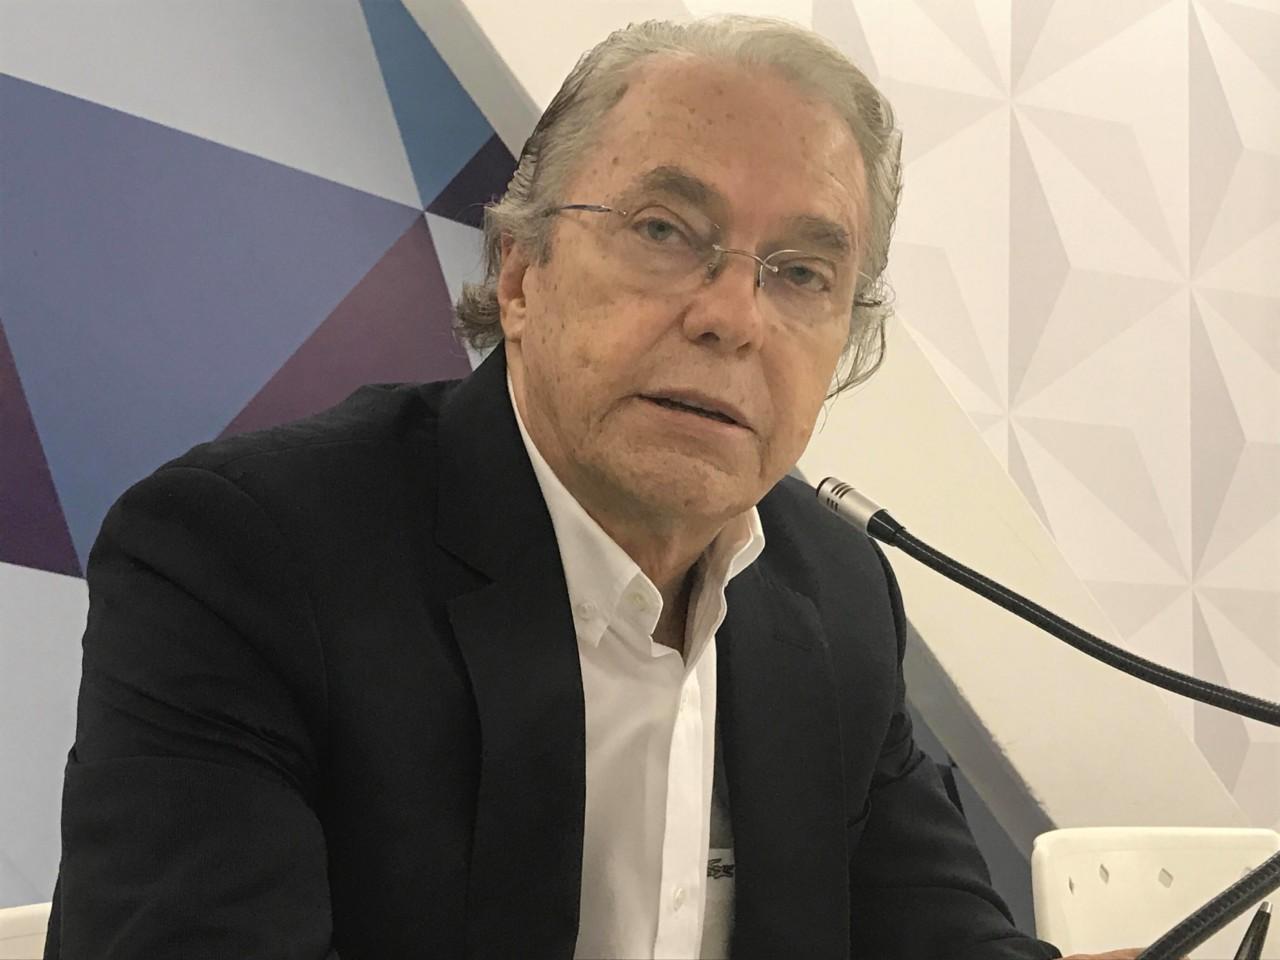 29633182 1769525043103654 2055166662 o - VEJA VÍDEOS: Presidente da Fecomércio comenta crescimento da economia: 'A inflação está sob controle na PB'